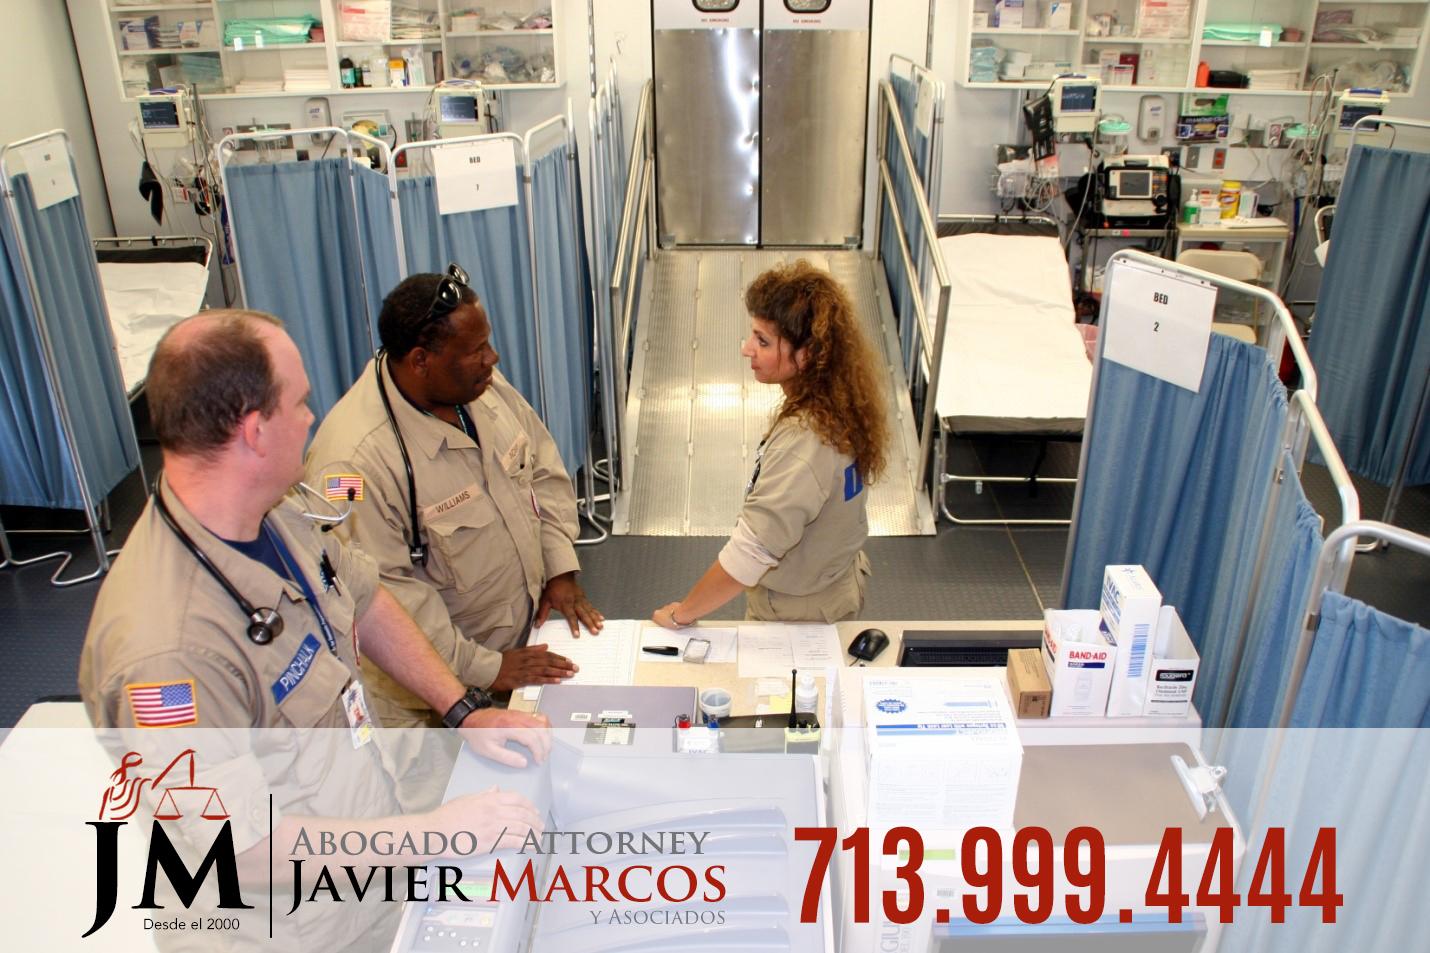 Doctor despues del accidente   Abogado Javier Marcos   713.999.4444